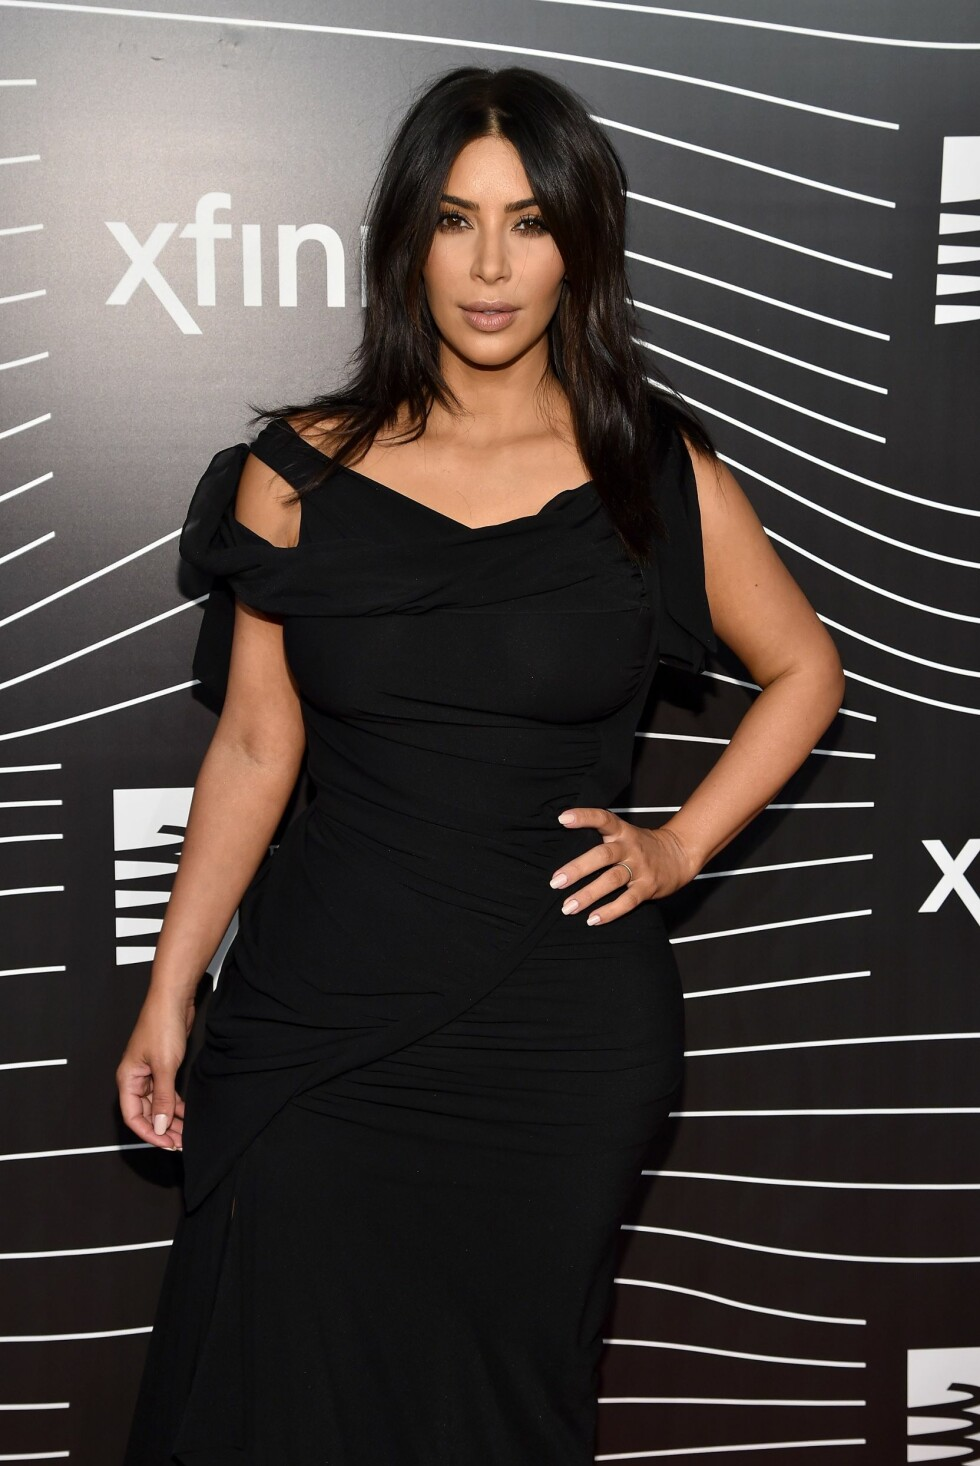 VÅREN 2016: Kim Kardashian viste frem former under et arrangement i New York våren 2016. Foto: NTB Scanpix